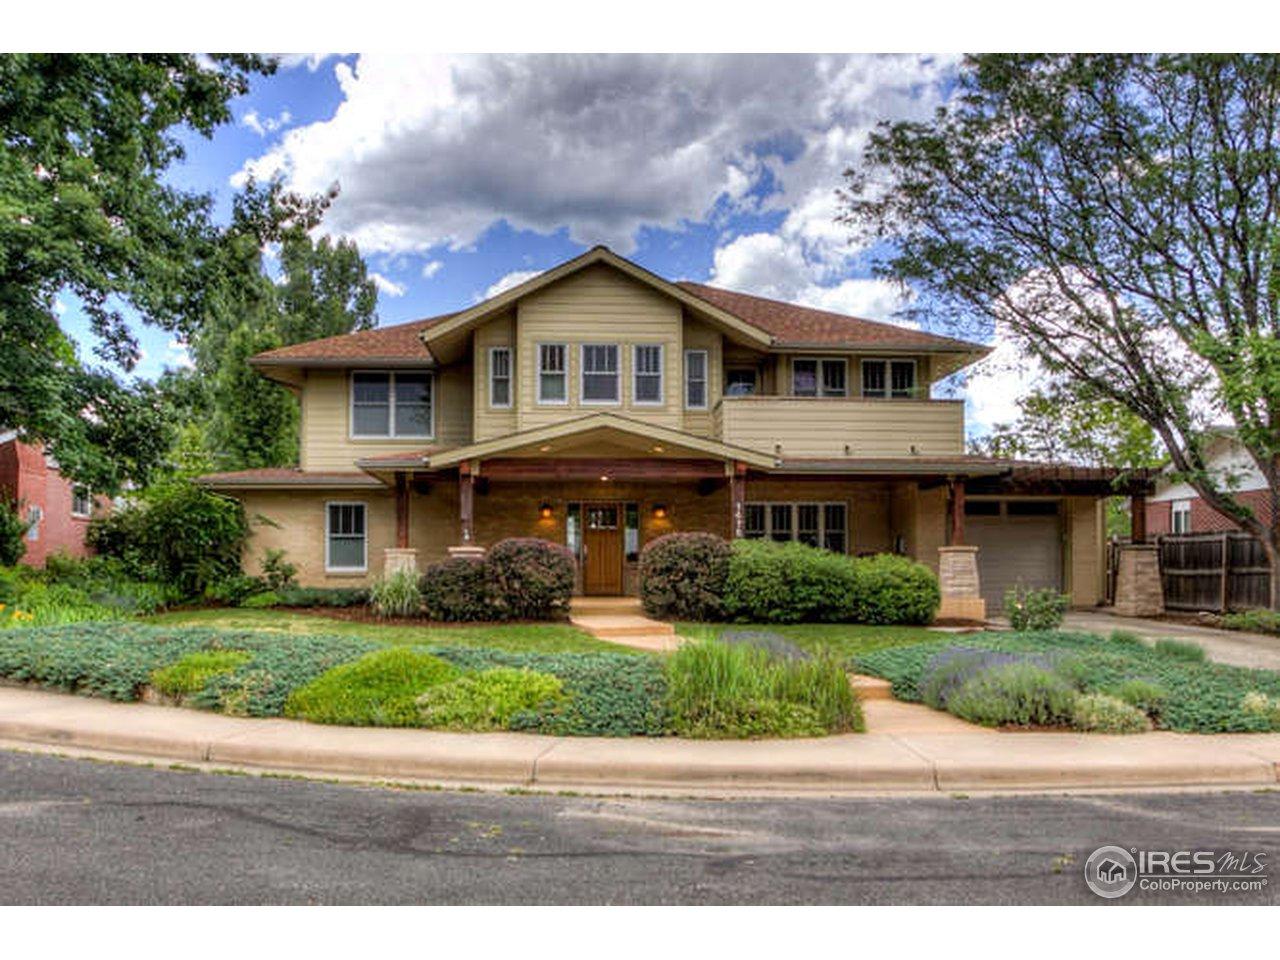 1475 Chestnut Pl, Boulder CO 80304